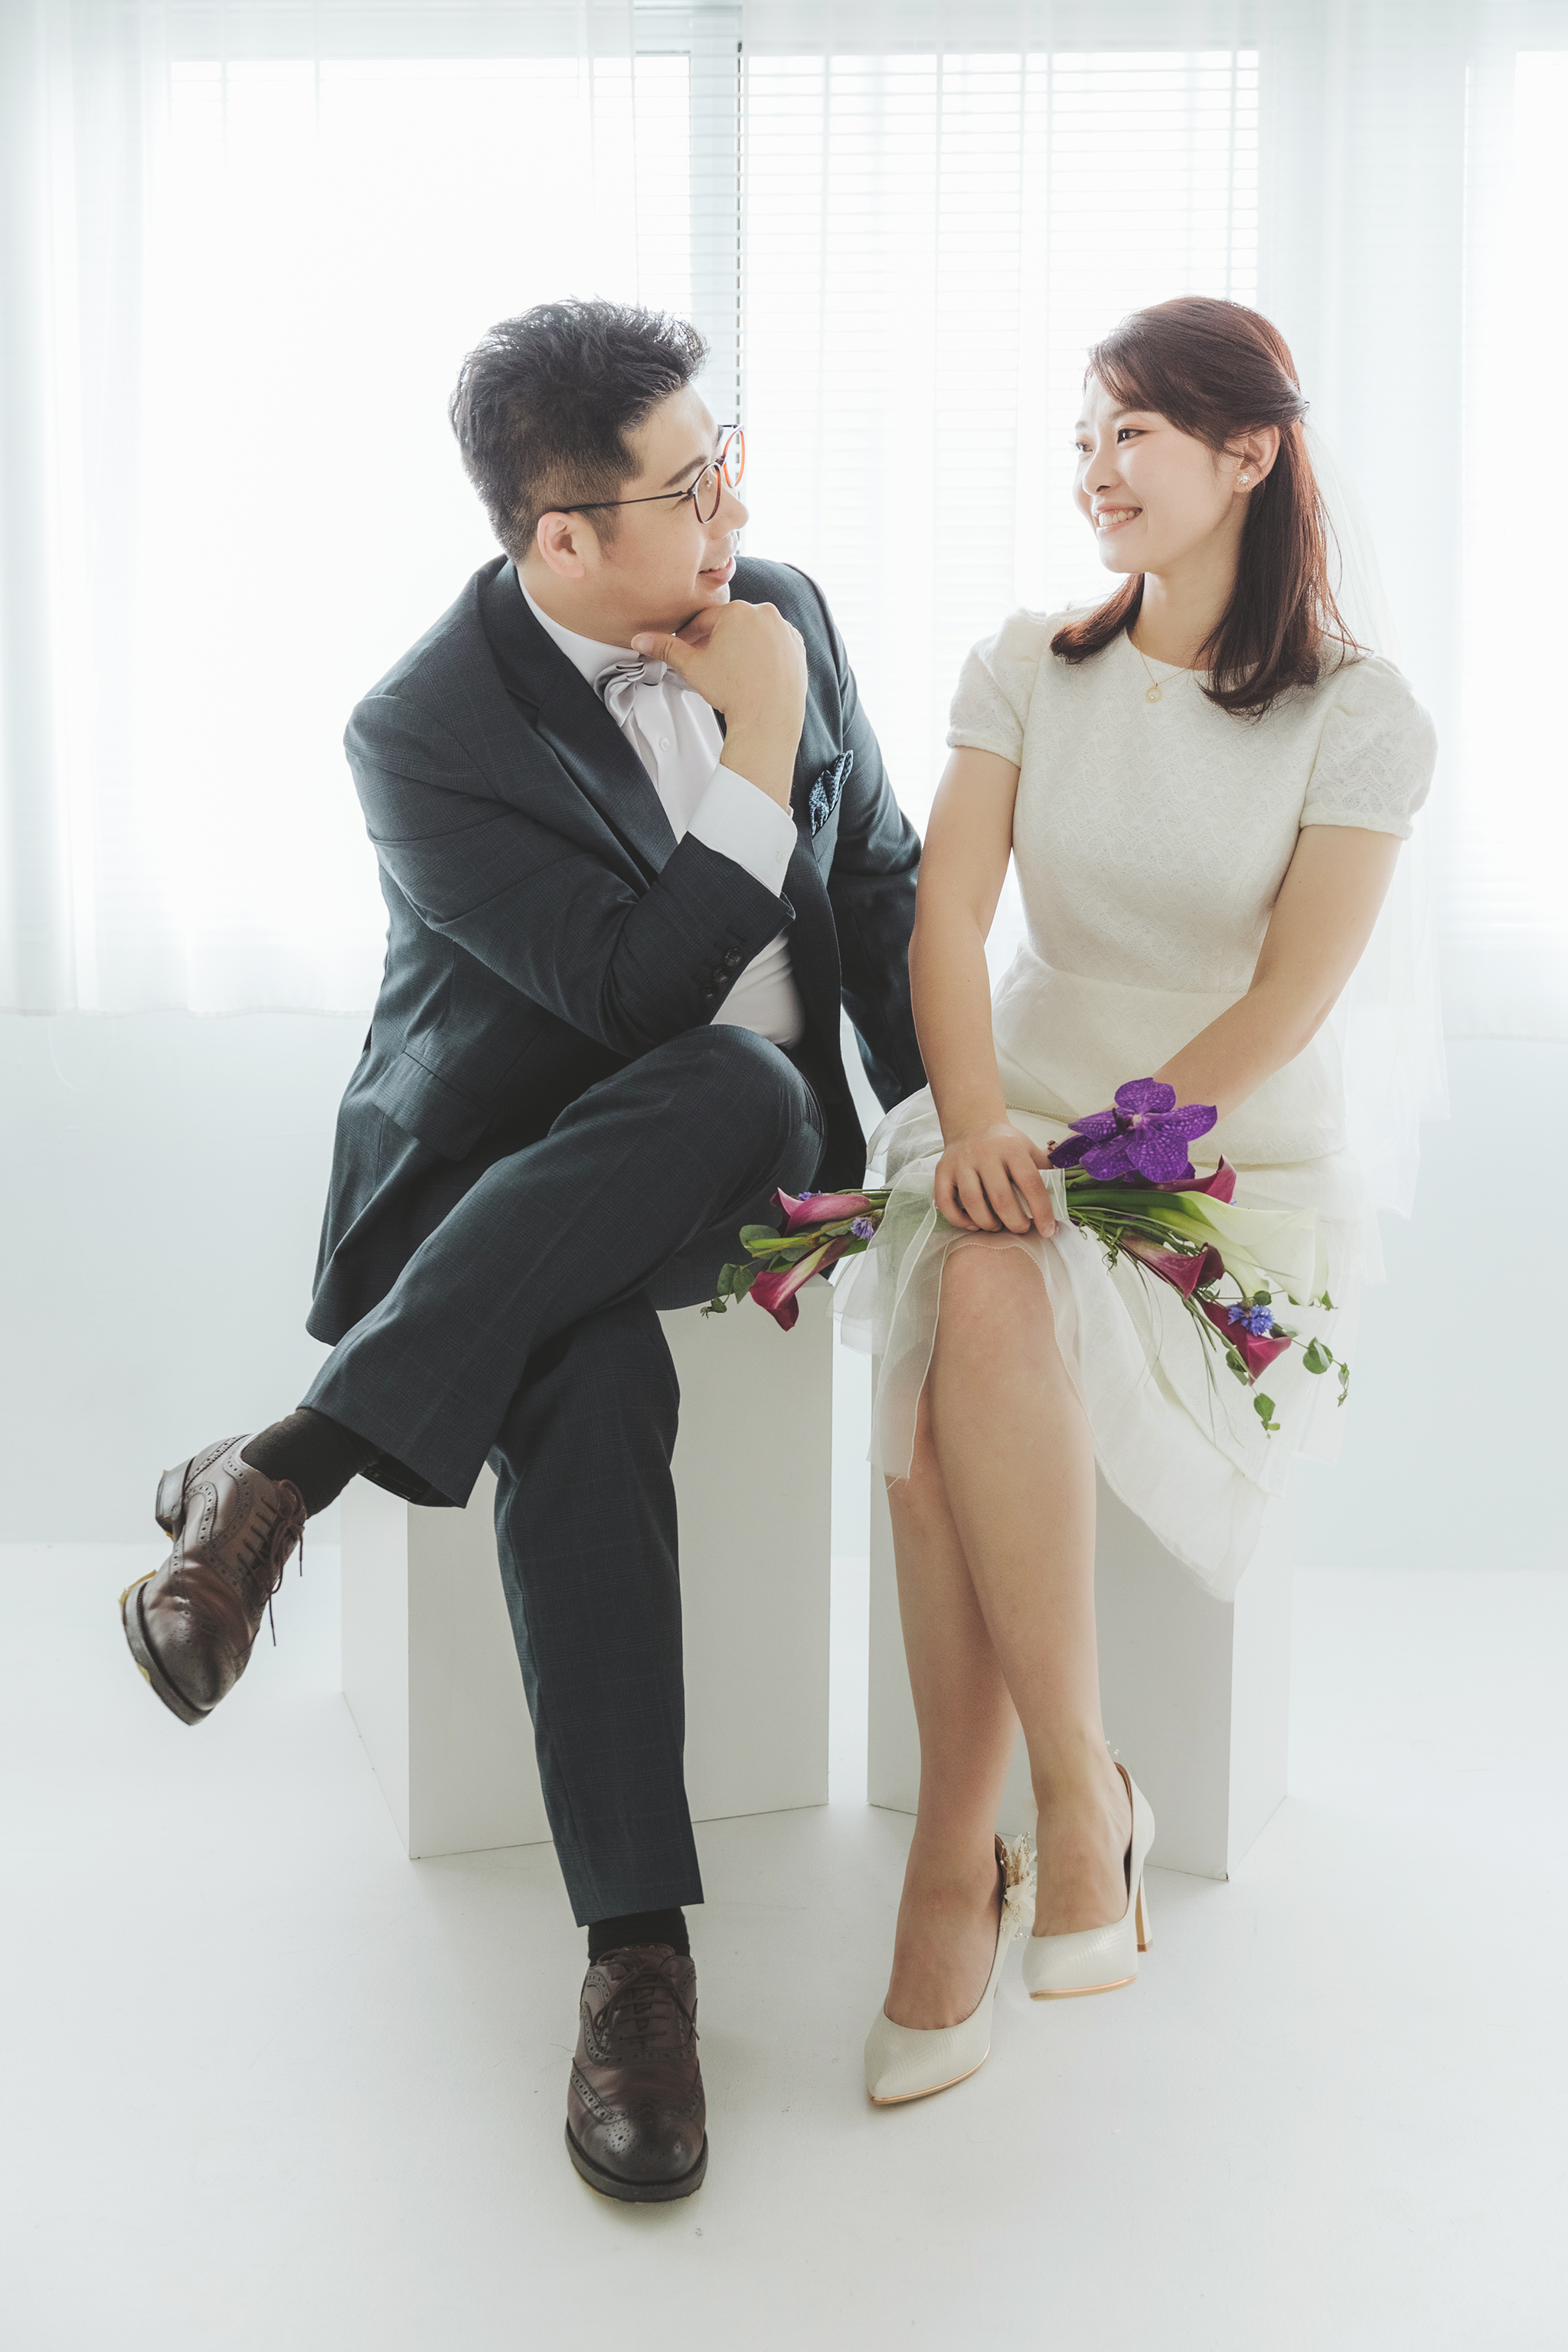 51228183792 88c6f69f5b o - 【自助婚紗】+Nicole & Ching+